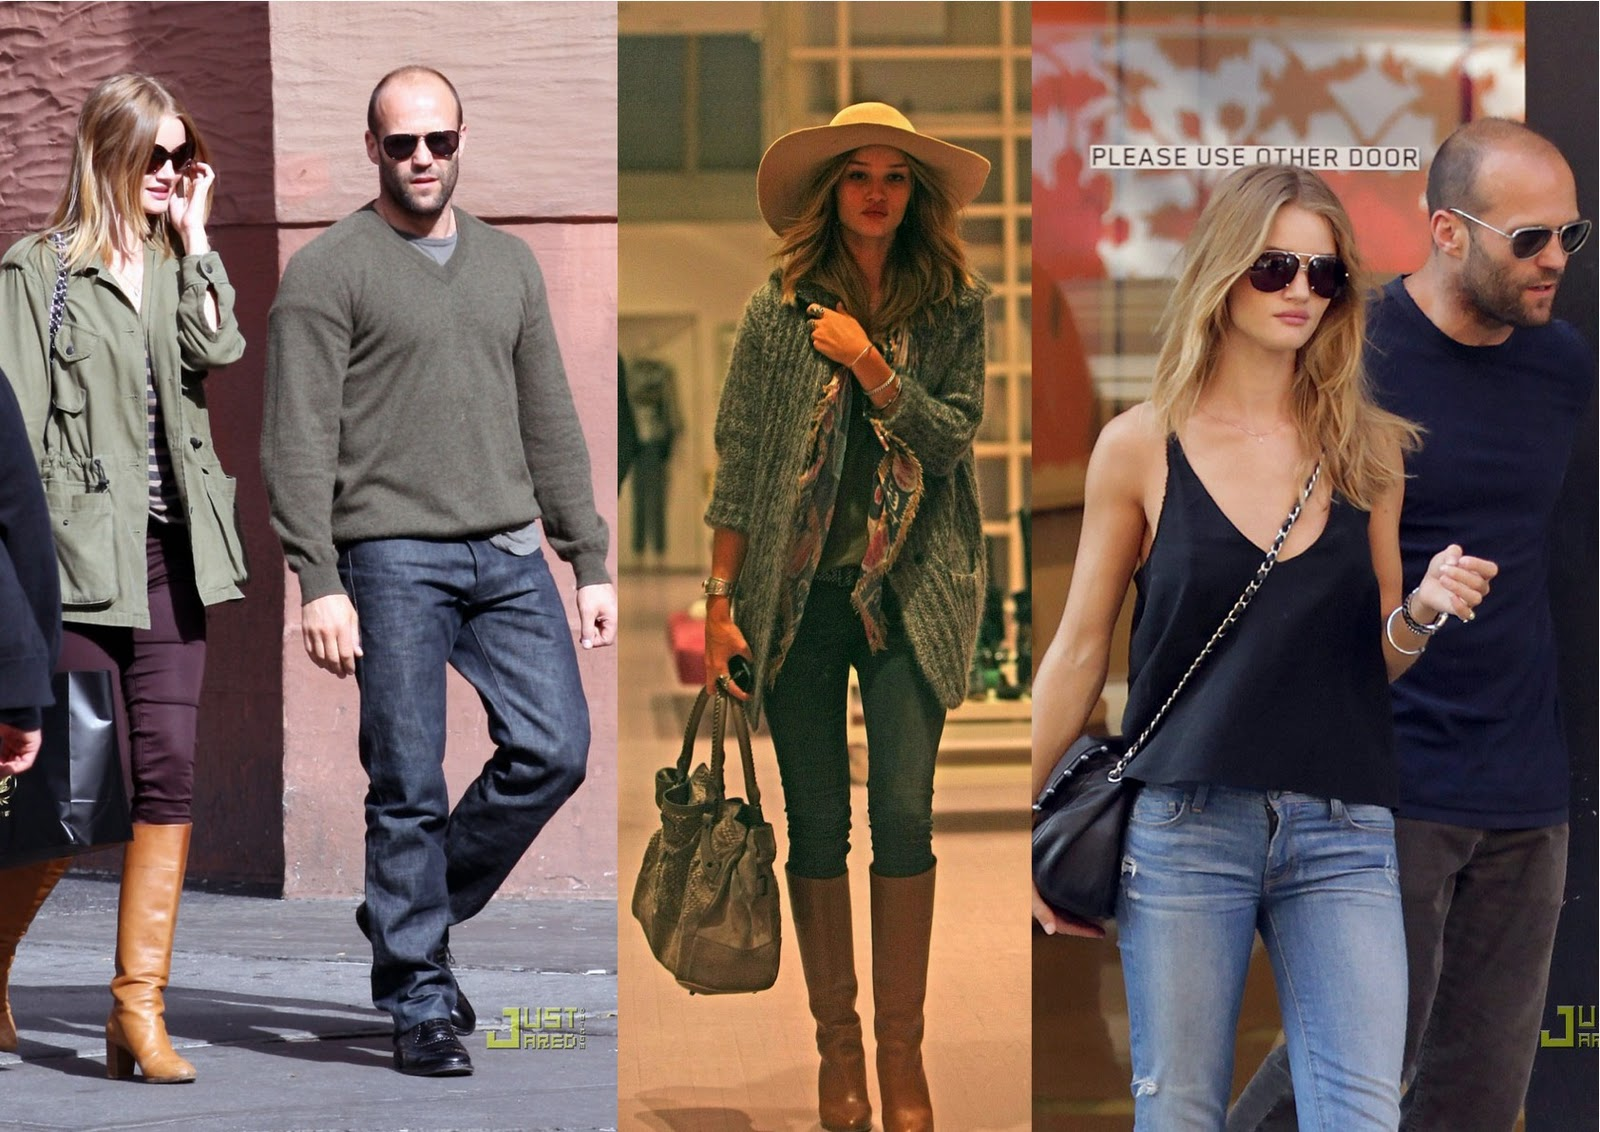 http://3.bp.blogspot.com/_PfmV3qvy8FY/TNh_yt8hmkI/AAAAAAAAAPo/kQ-WXq6cjSU/s1600/la+modella+mafia+rosie+huntington-whiteley+via+justjared++2.jpg